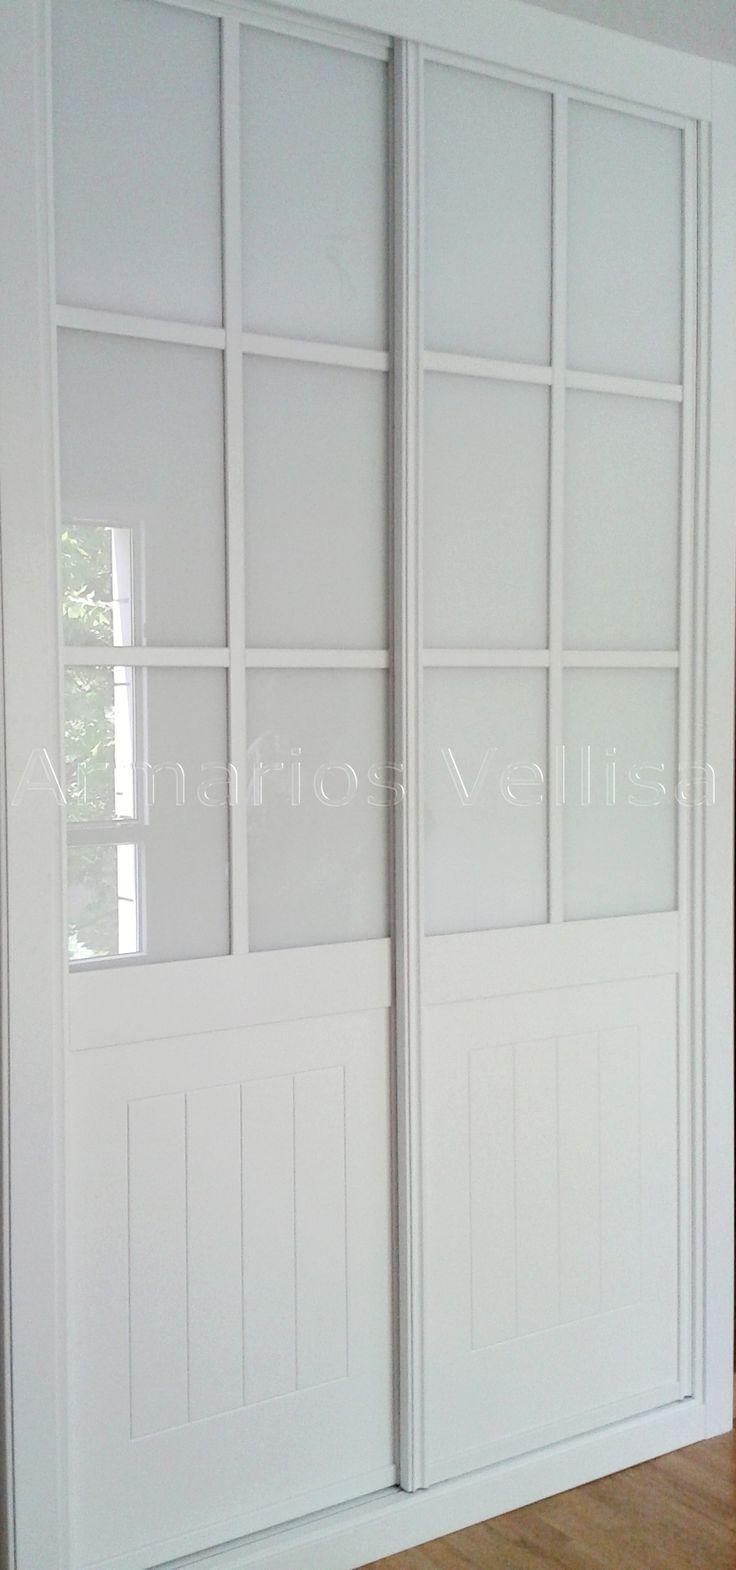 M s de 25 ideas incre bles sobre armario blanco en - Guias puertas correderas armarios empotrados ...